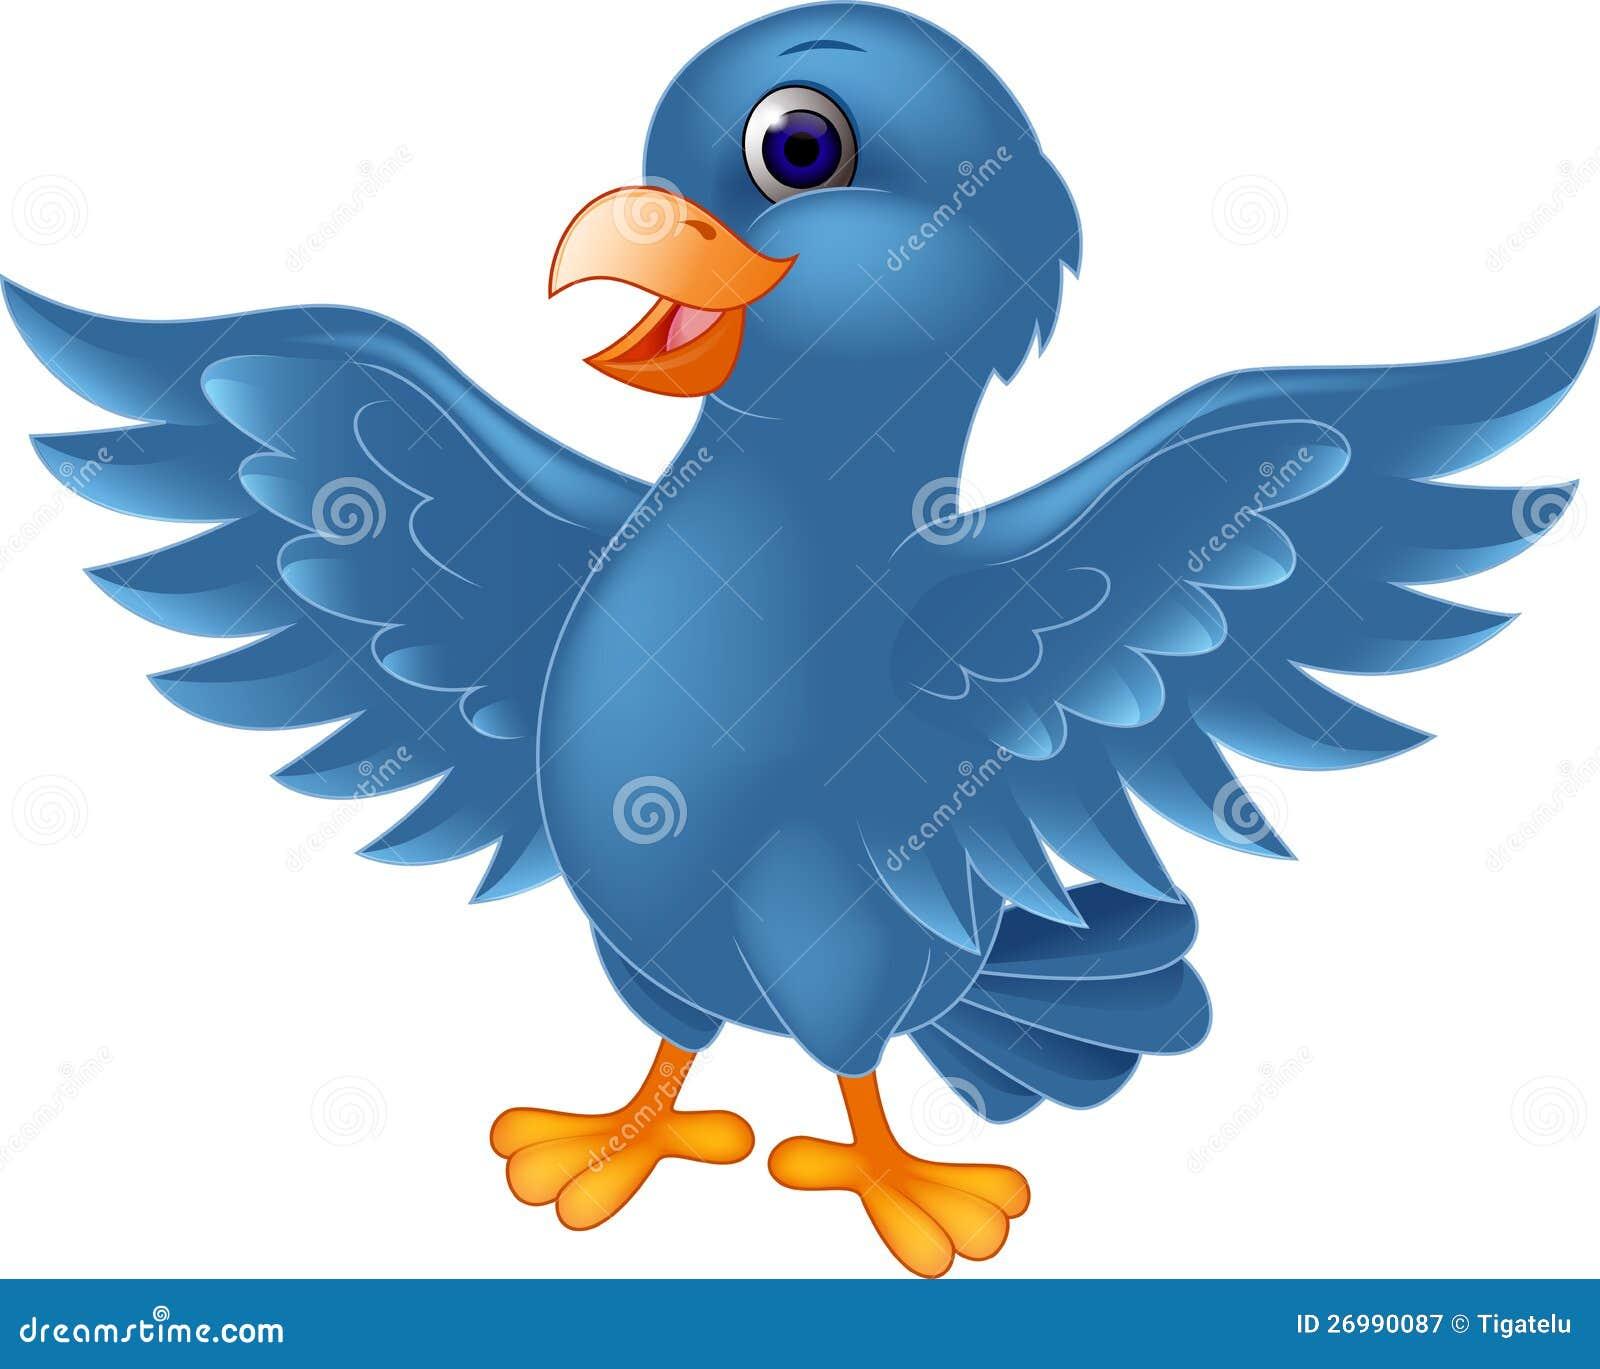 Blue bird cartoon